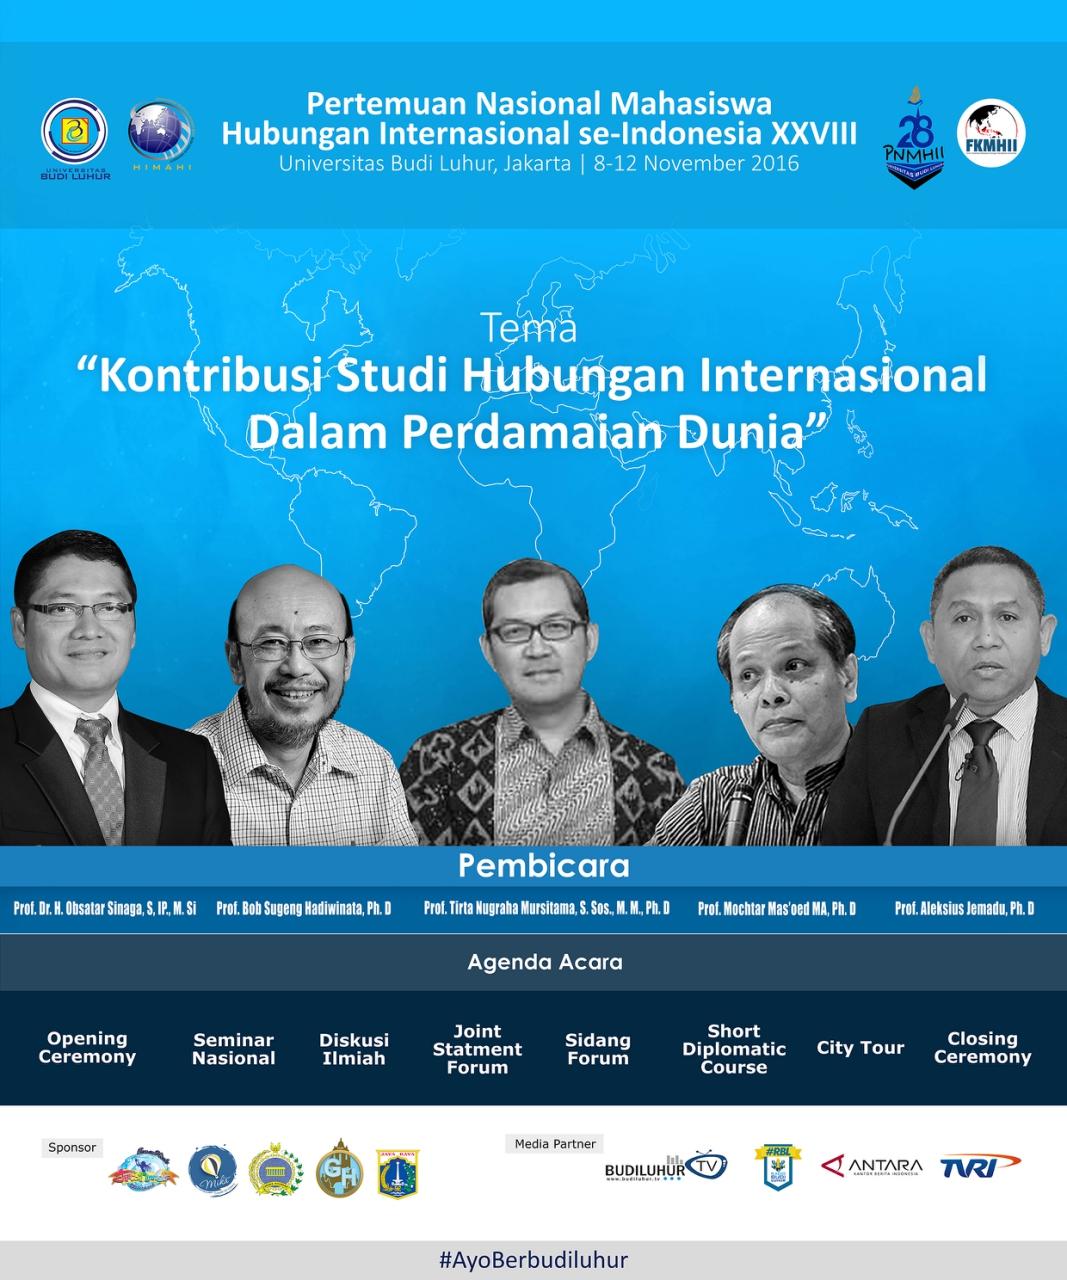 Pertemuan Nasional Mahasiswa Hubungan Internasional se-Indonesia (PNMHII) XXVIII, Universitas Budi Luhur